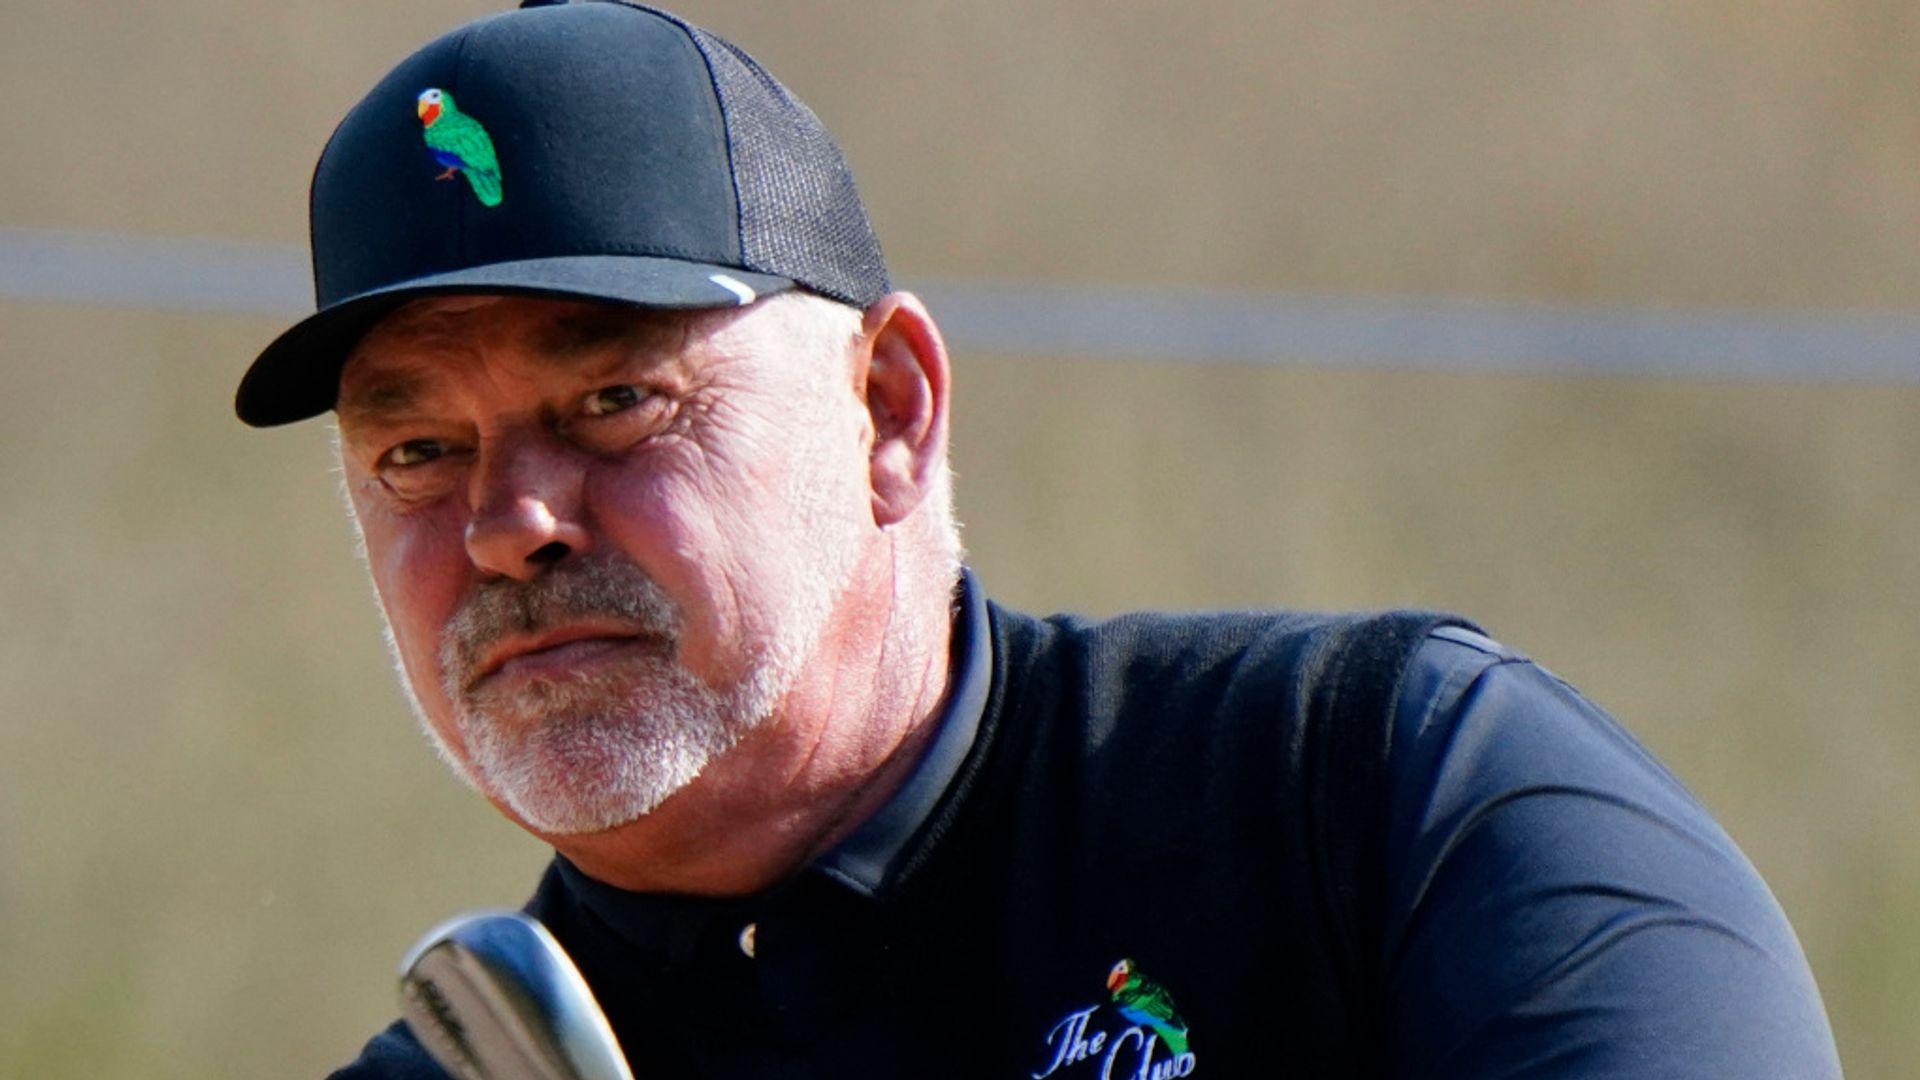 Clarke leads Langer at Senior Open - sky sports